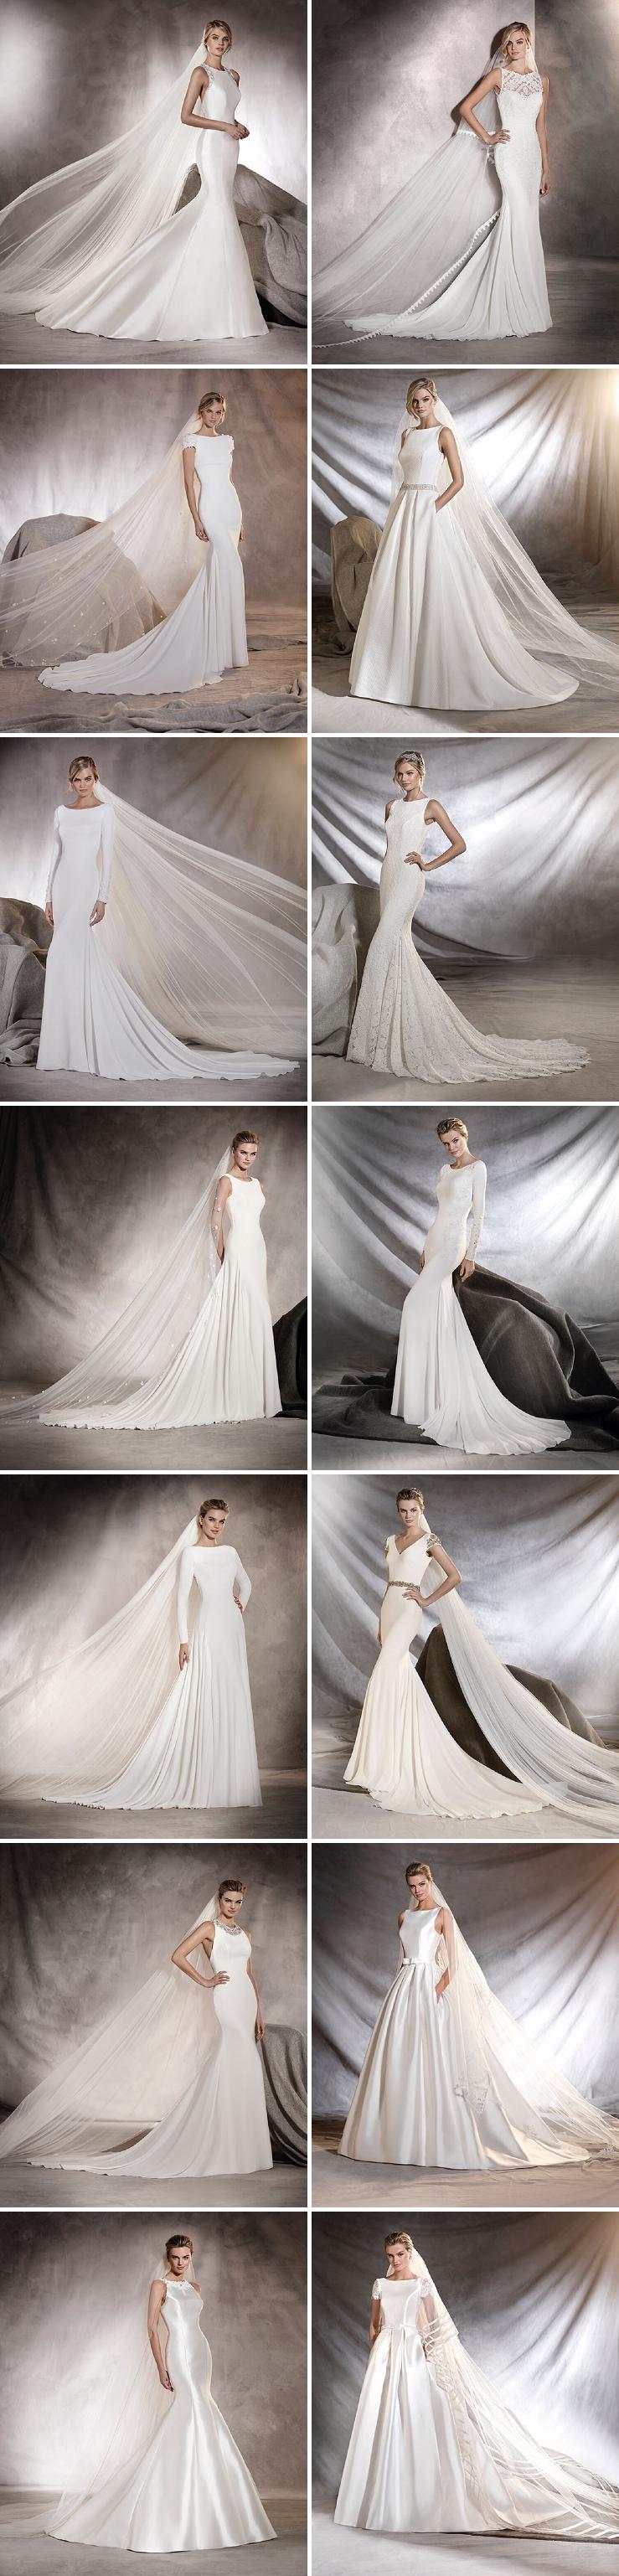 perfectday svadba slovensko svadobna inspiracia svadobne saty svadobna kolekcia pronovias 2017_0267